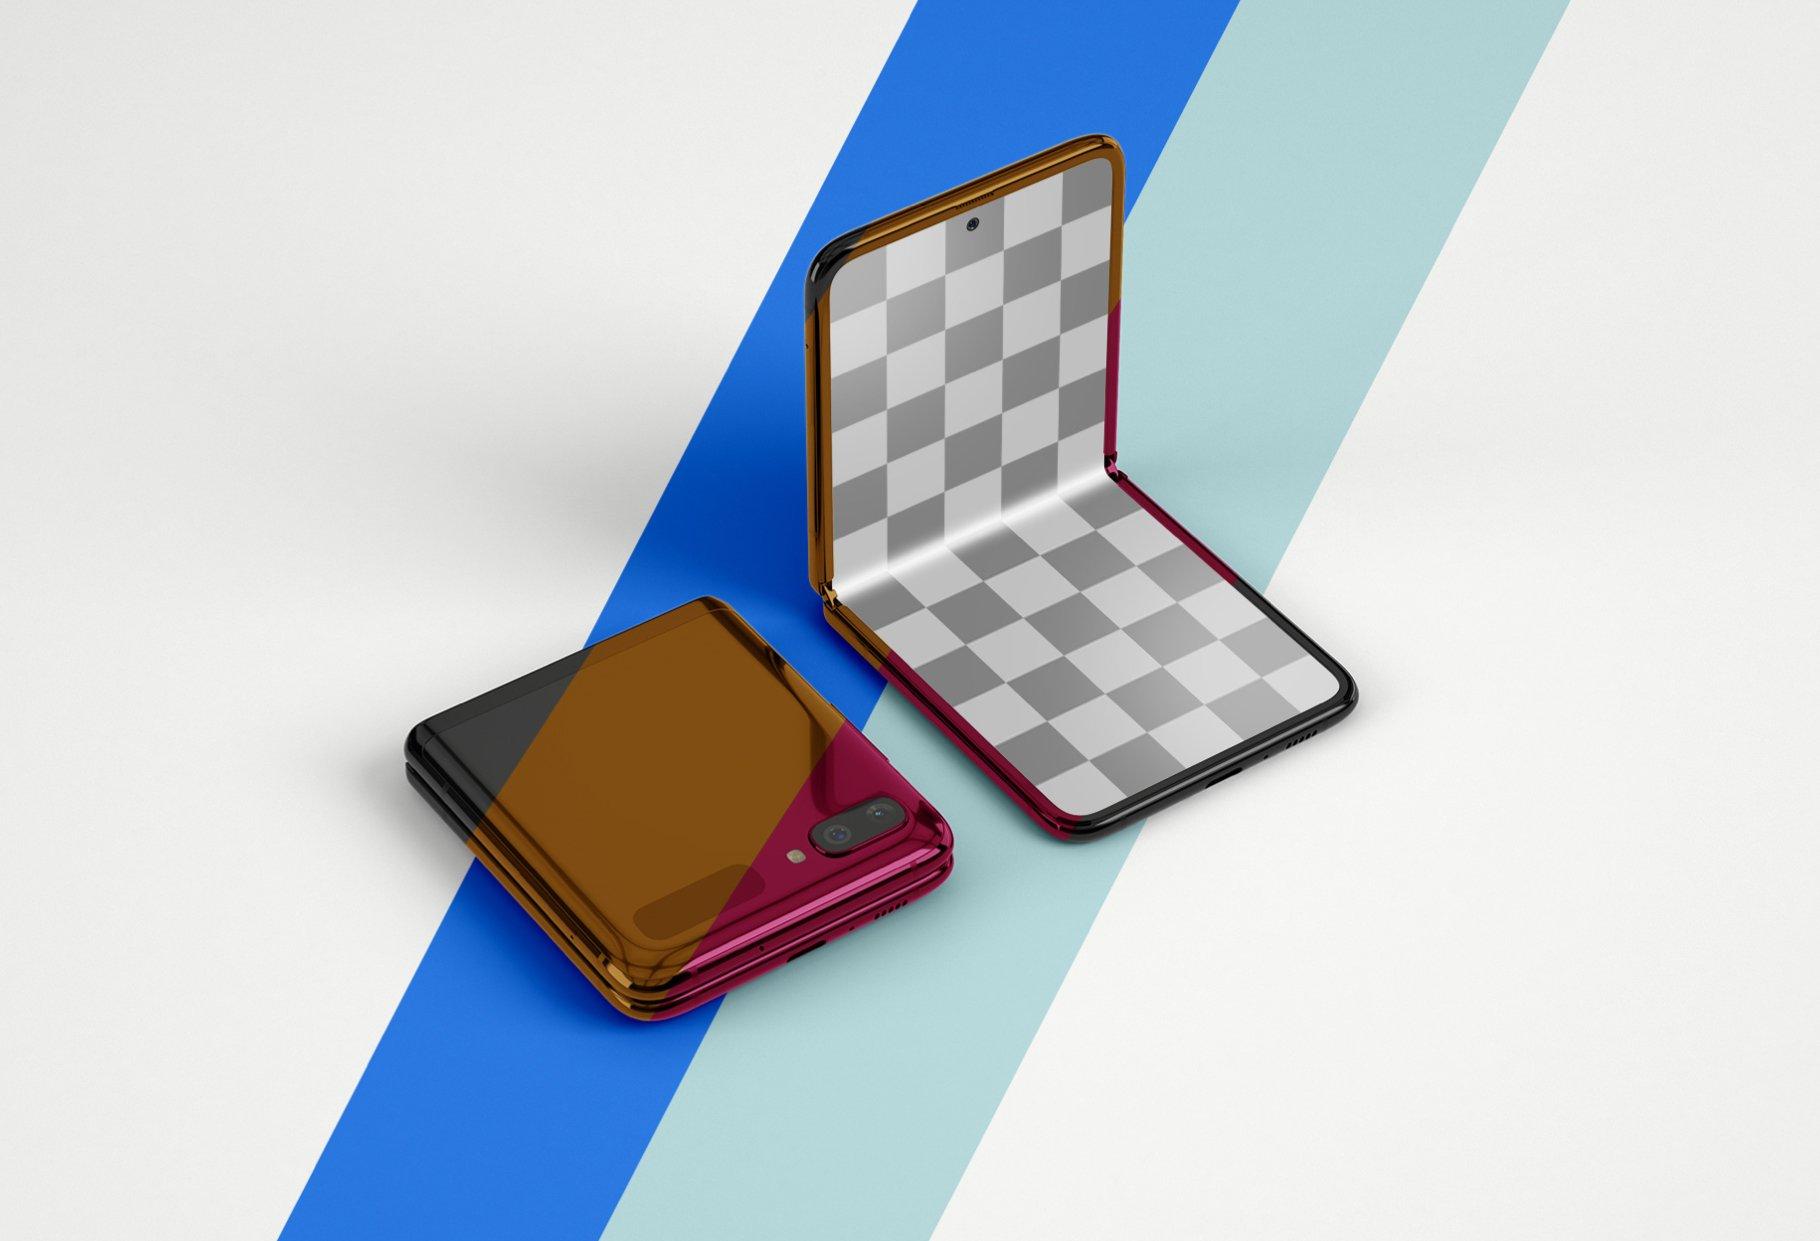 11款APP应用设计三星Galaxy Z手机屏幕演示样机模板 Galaxy Z Flip Mockup | Folding Phone插图(12)